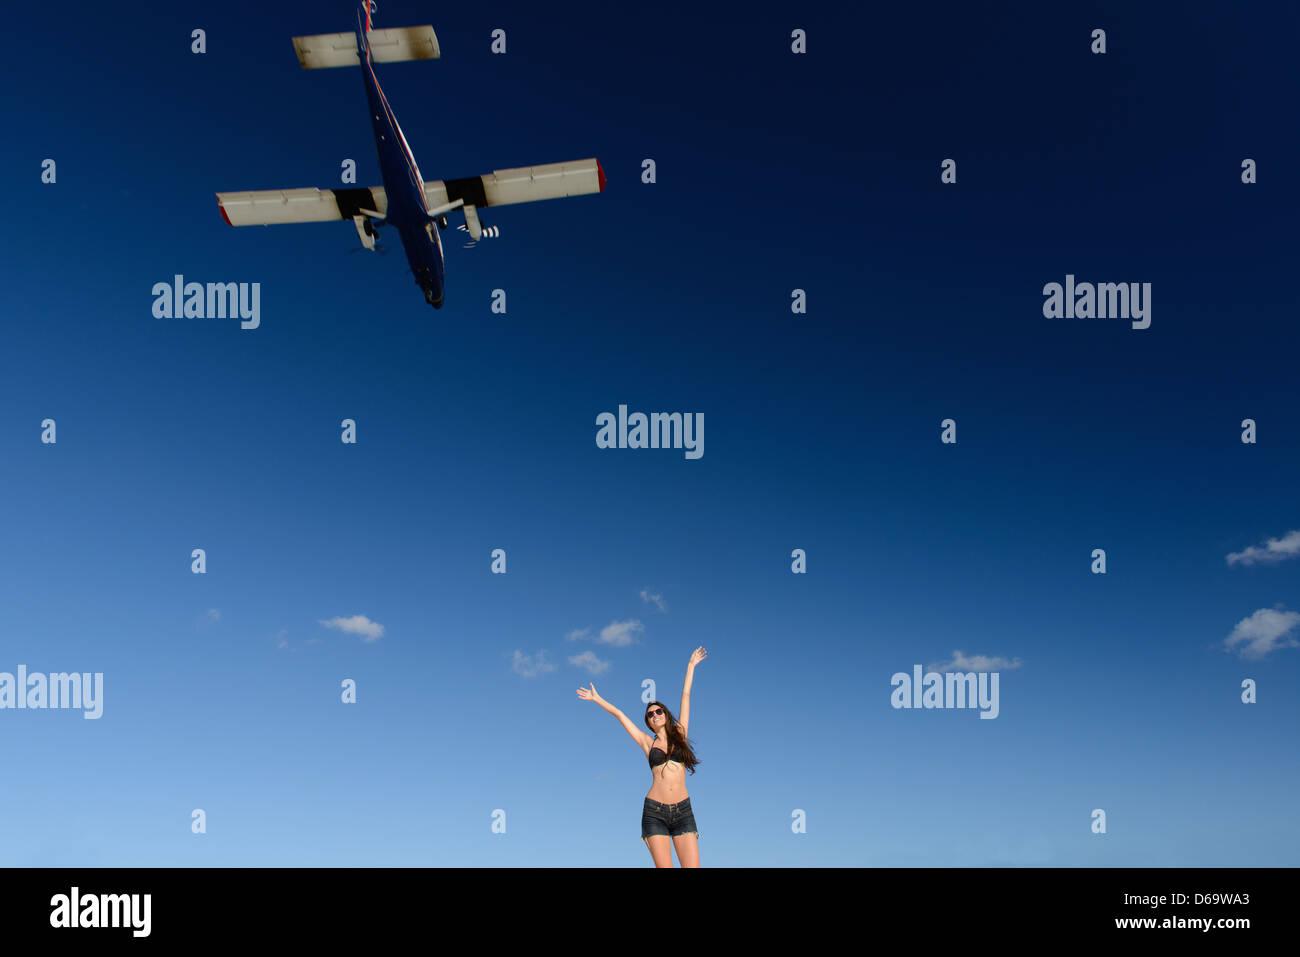 Woman in bikini greeting airplane Photo Stock